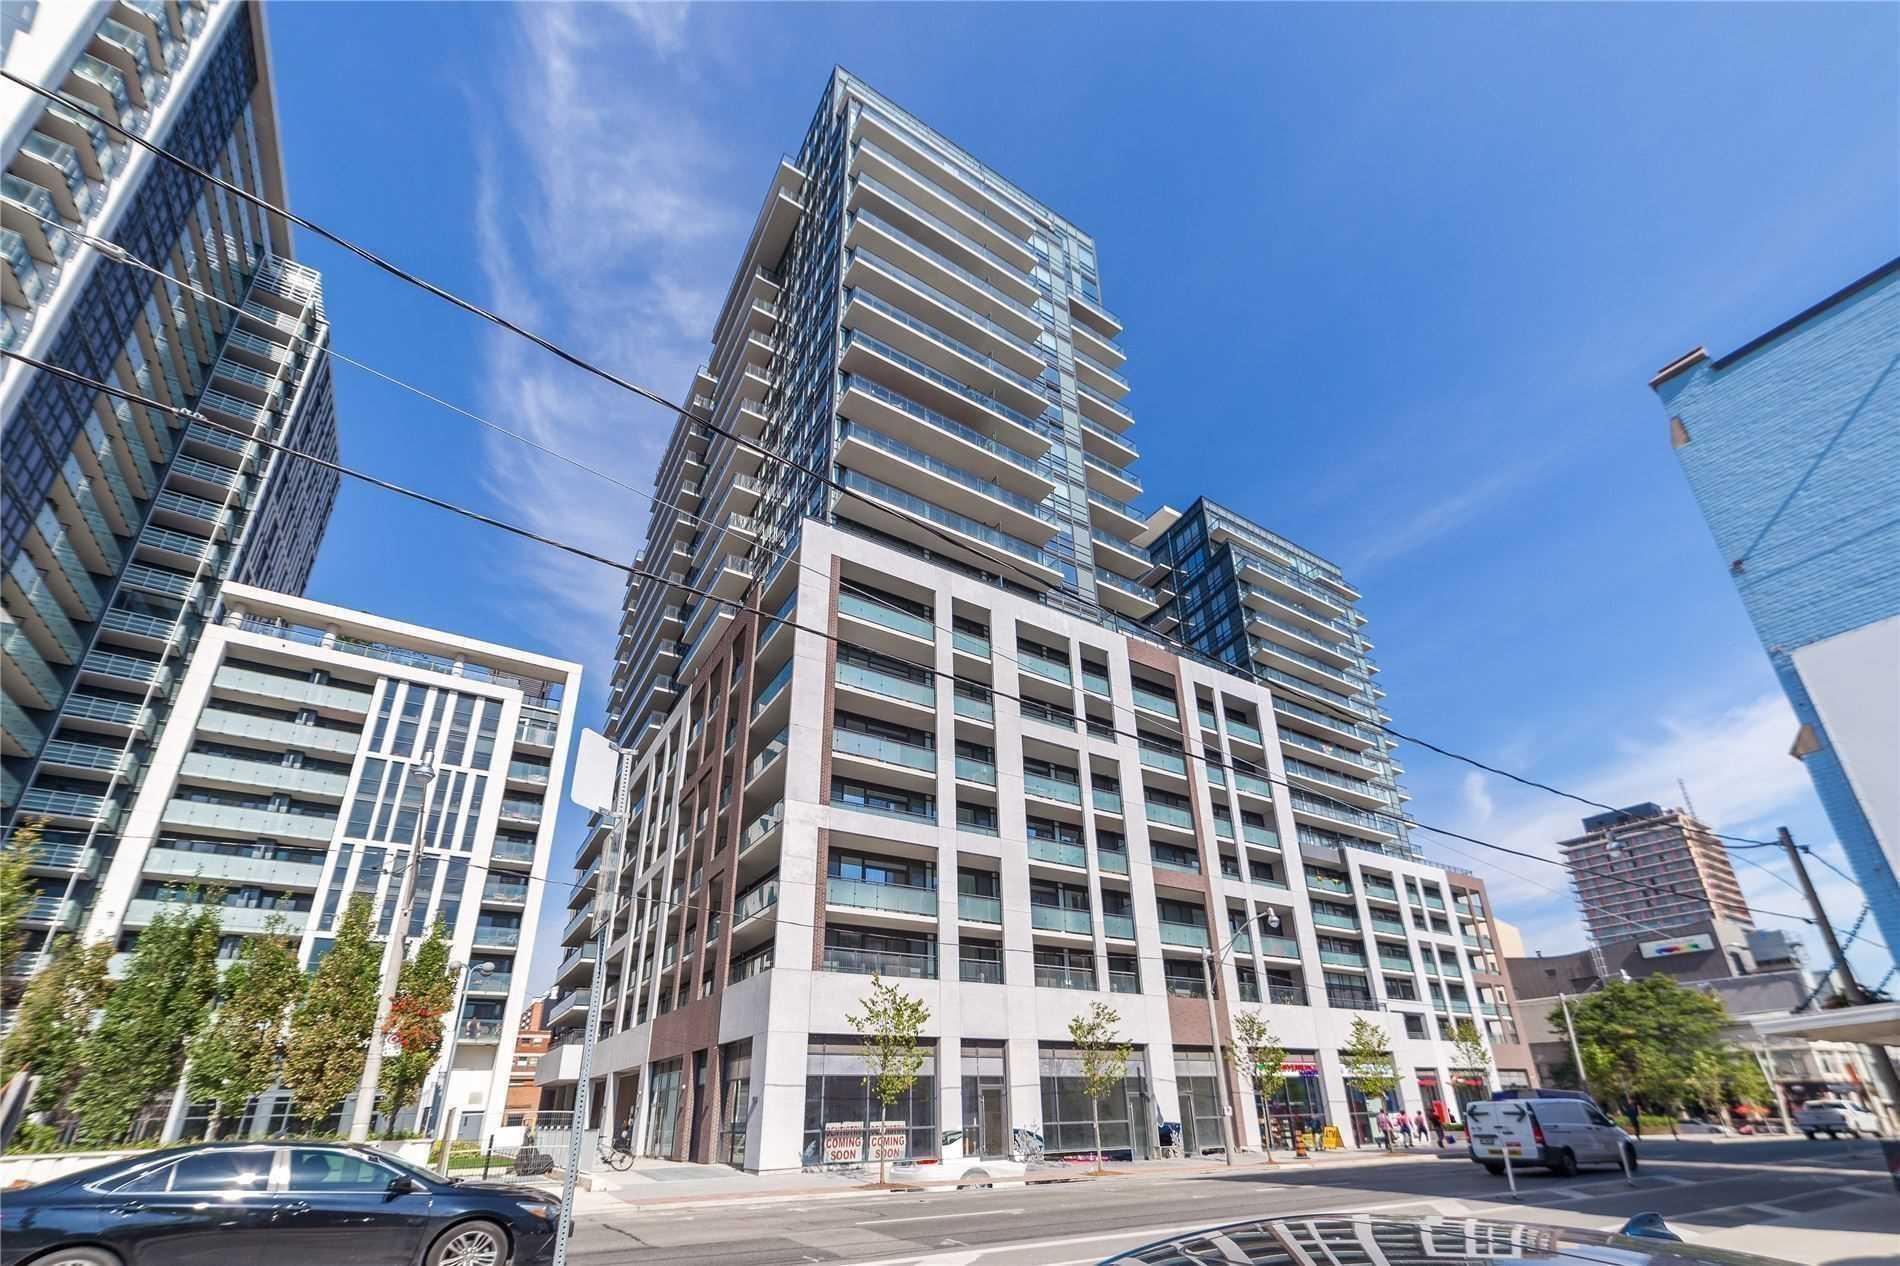 460 Adelaide St E, Toronto -